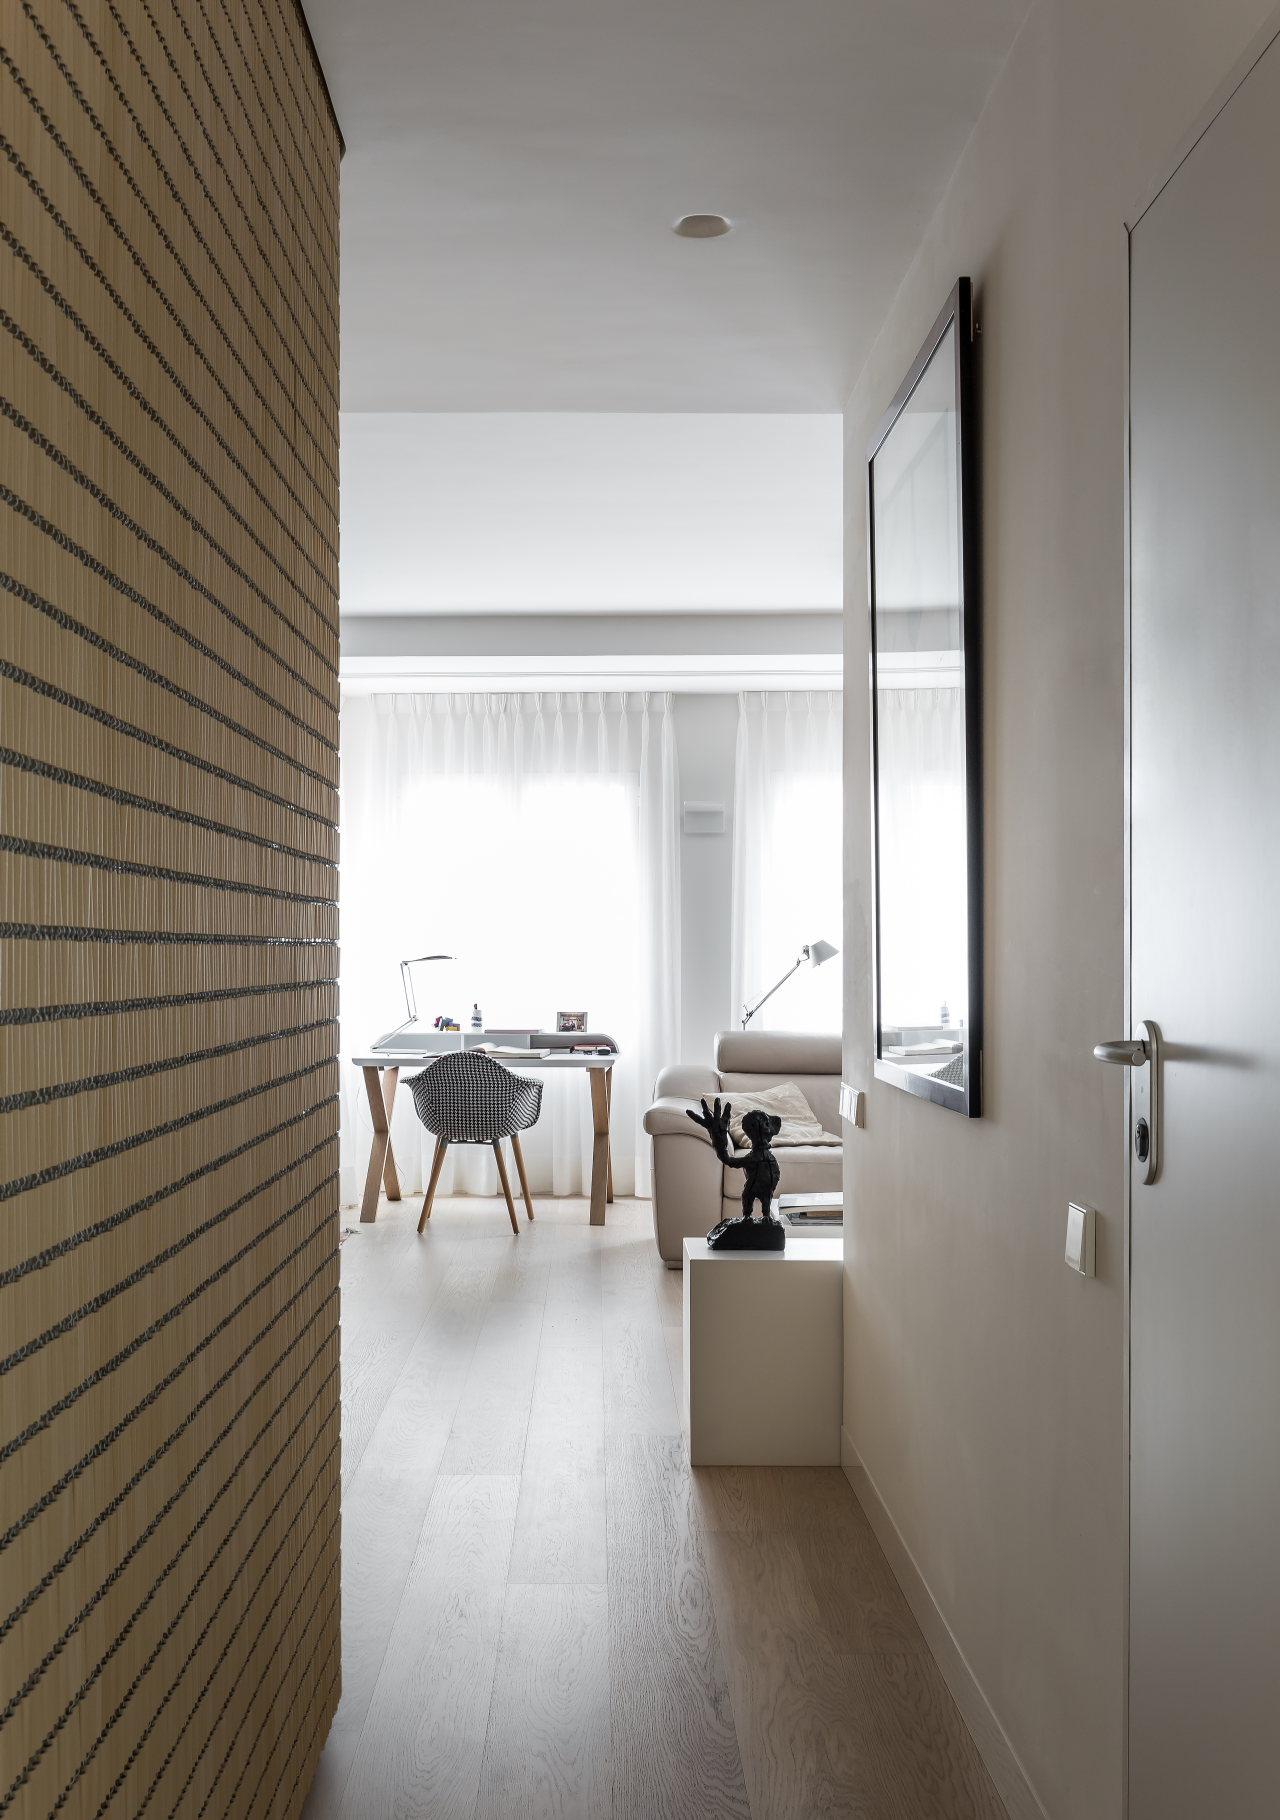 fotografia-arquitectura-valencia-german-cabo-selecta-home-alicante (1)